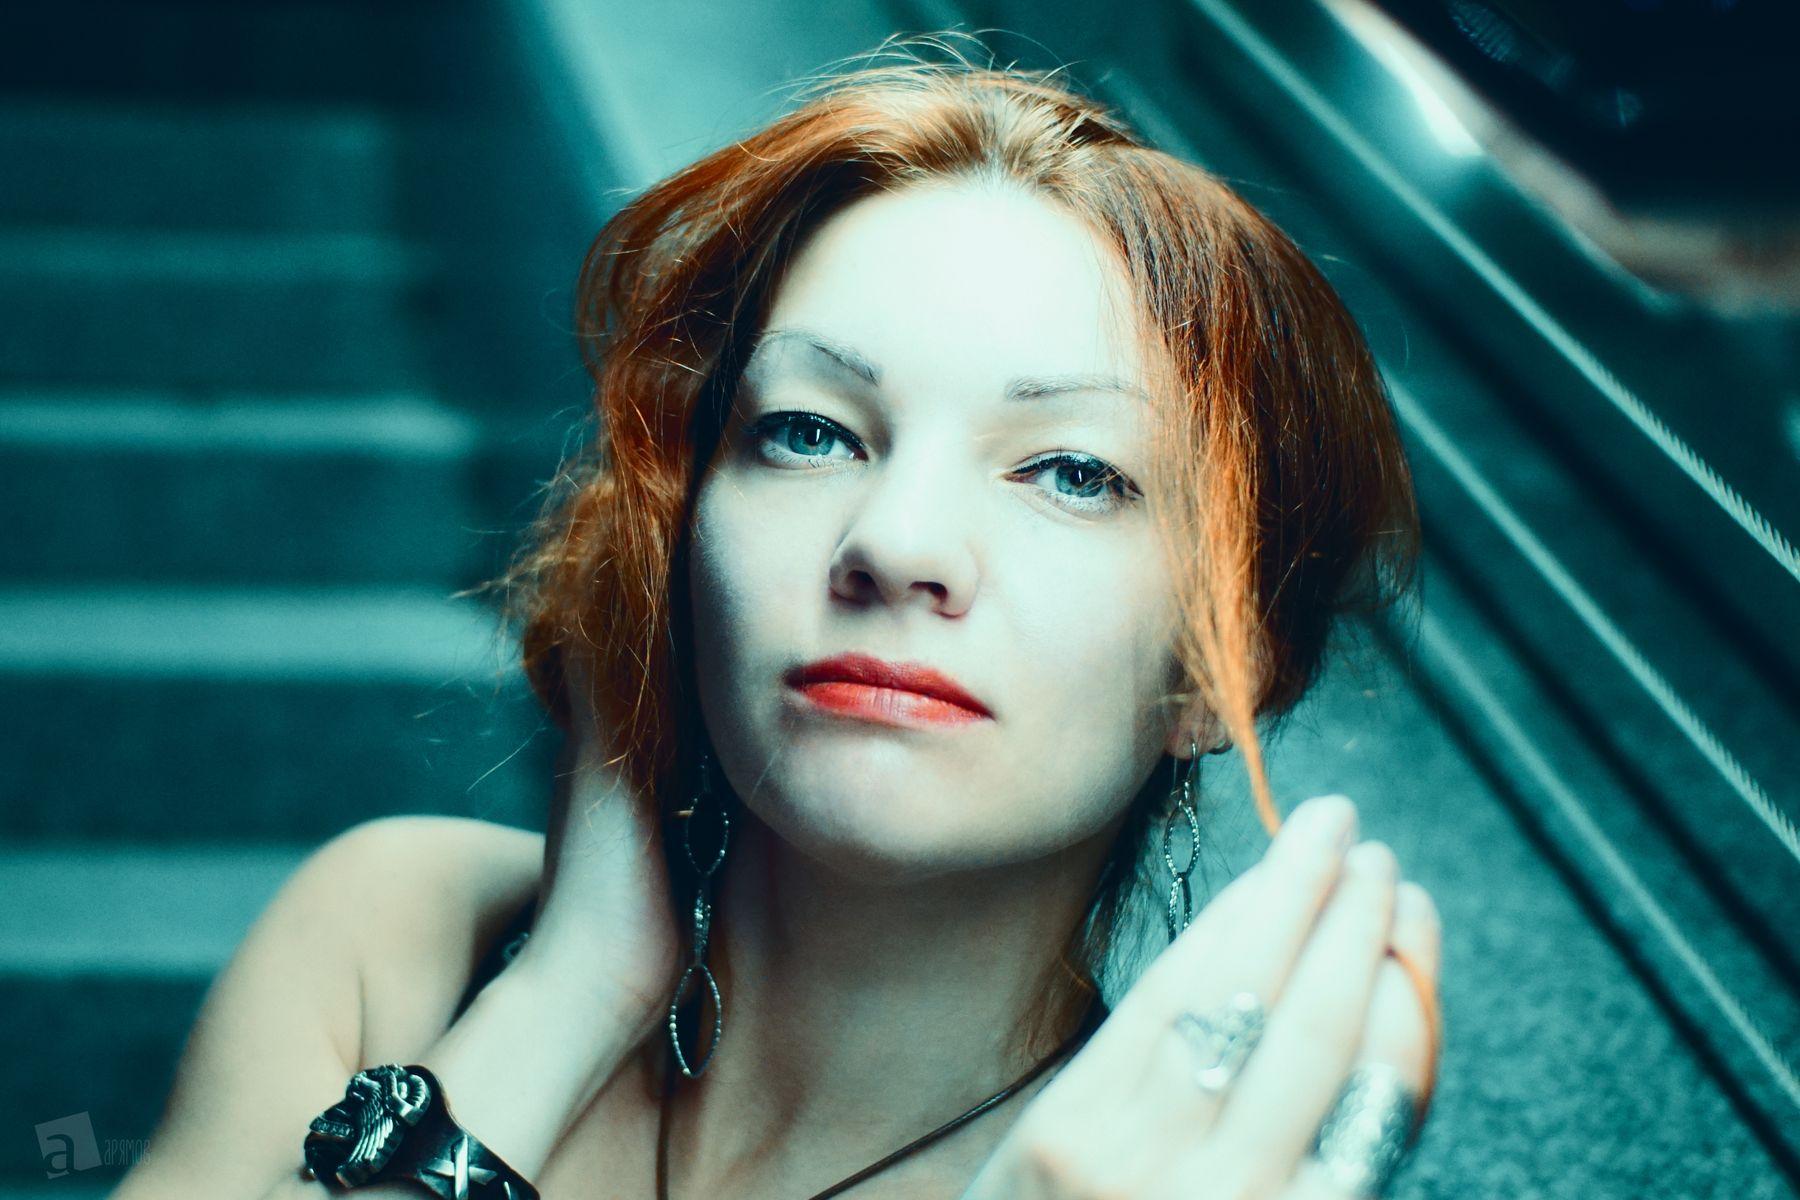 рыжий портрет ) девушка портрет глаза взгляд красотка красавица портретная фотография